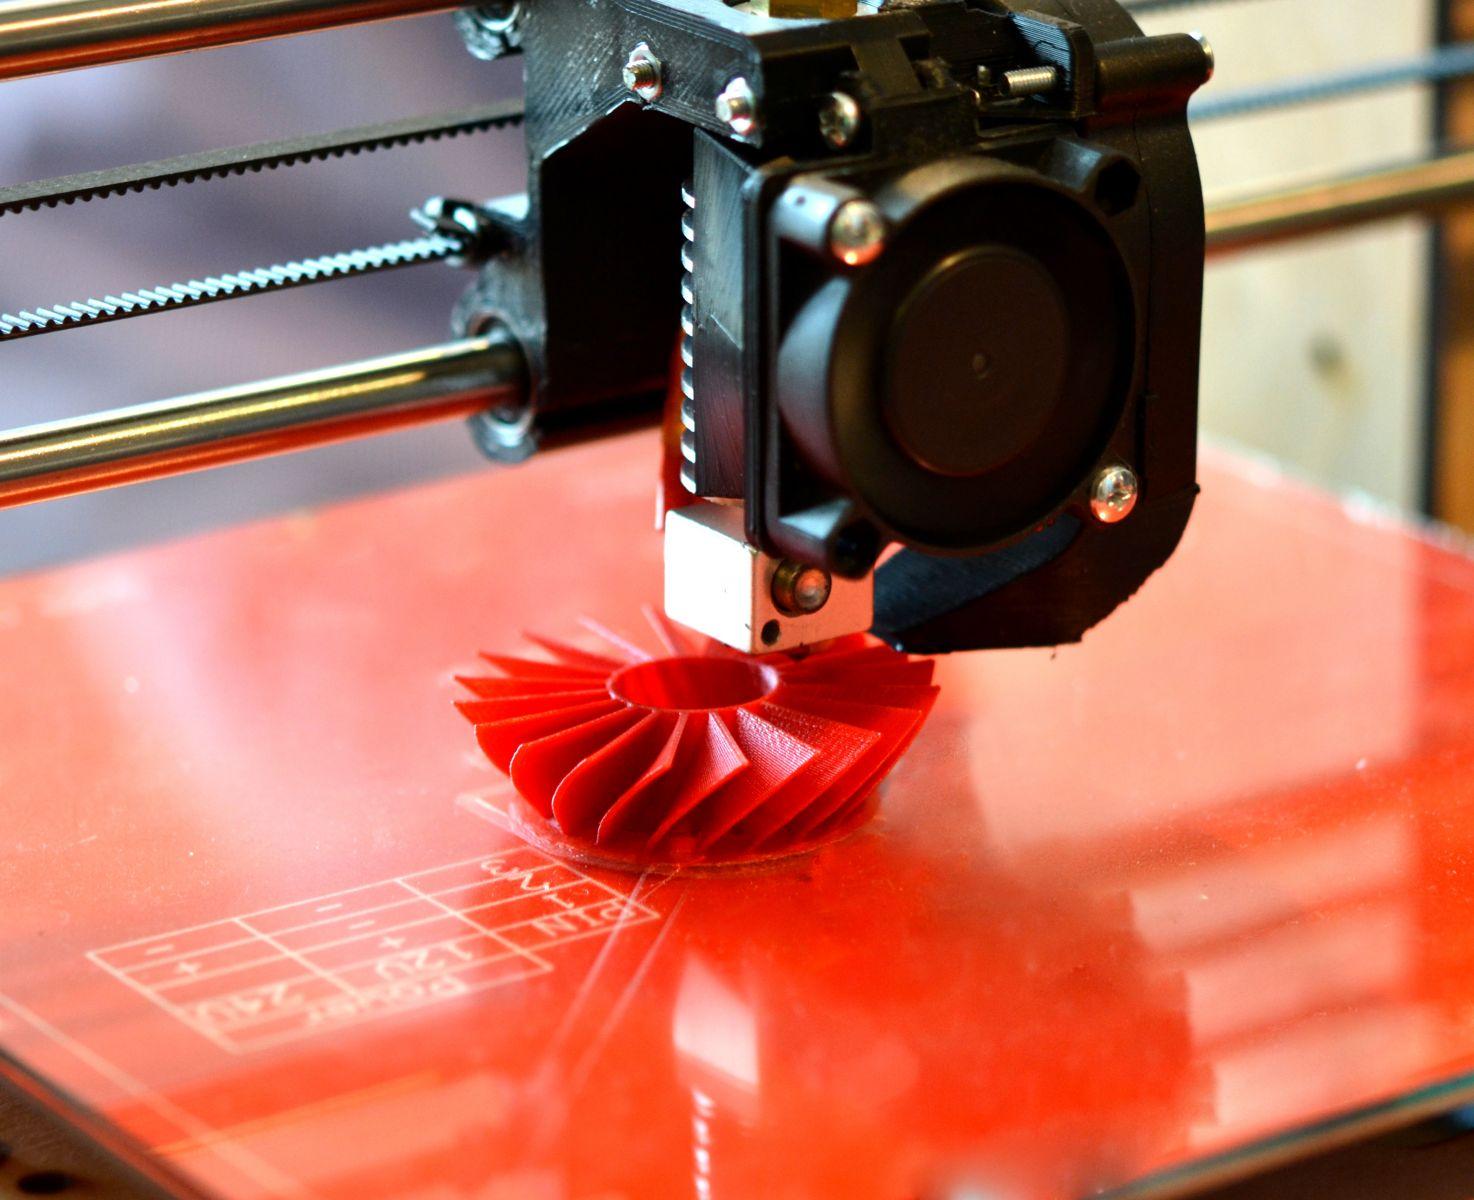 curso desenho e impressao 3D